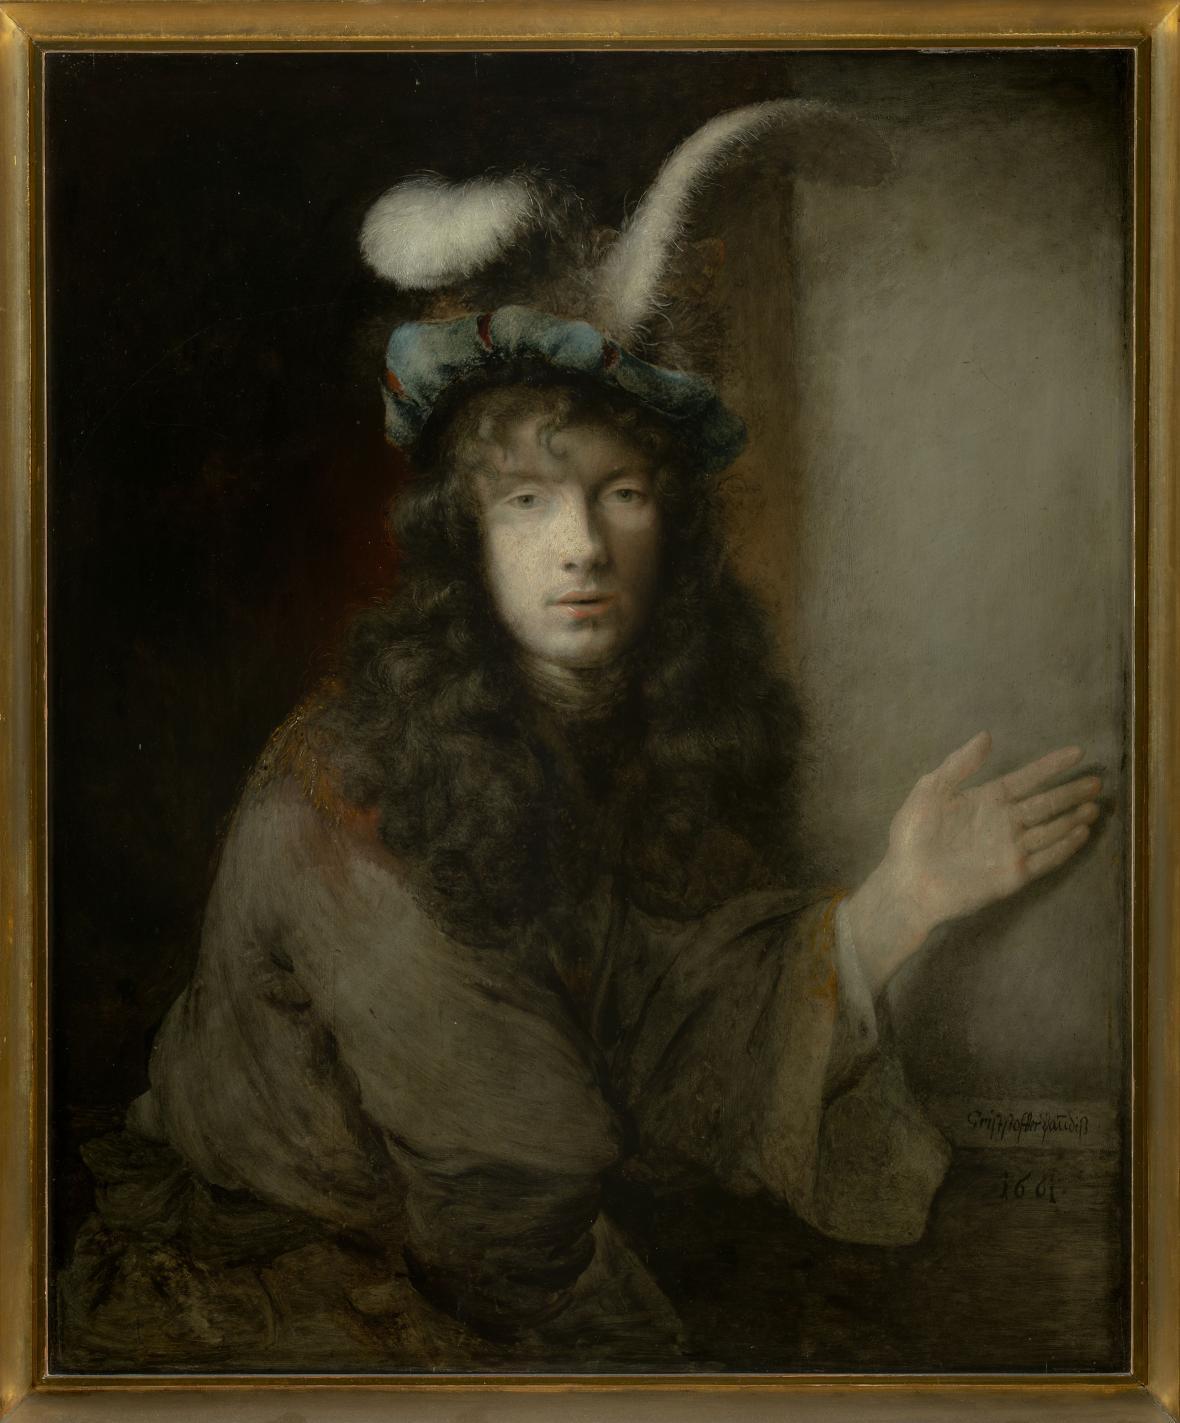 Christopher Paudiss / Podobizna mladého muže (autoportrét?), 1661